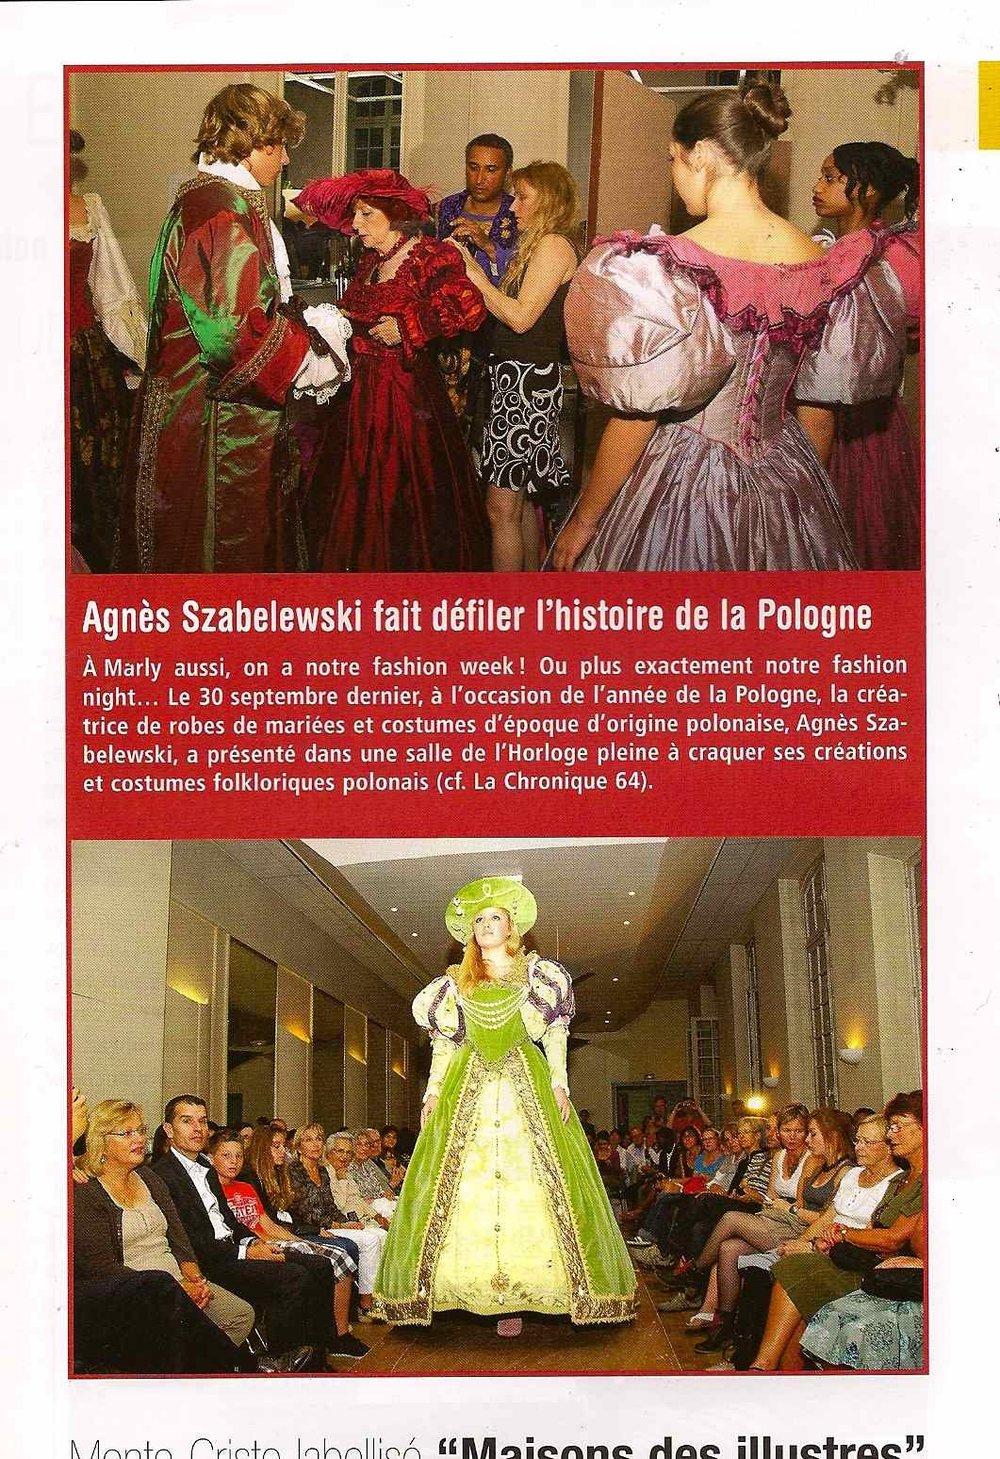 La Chronique de Marly article sur défilé Agès Szabelewski.jpg